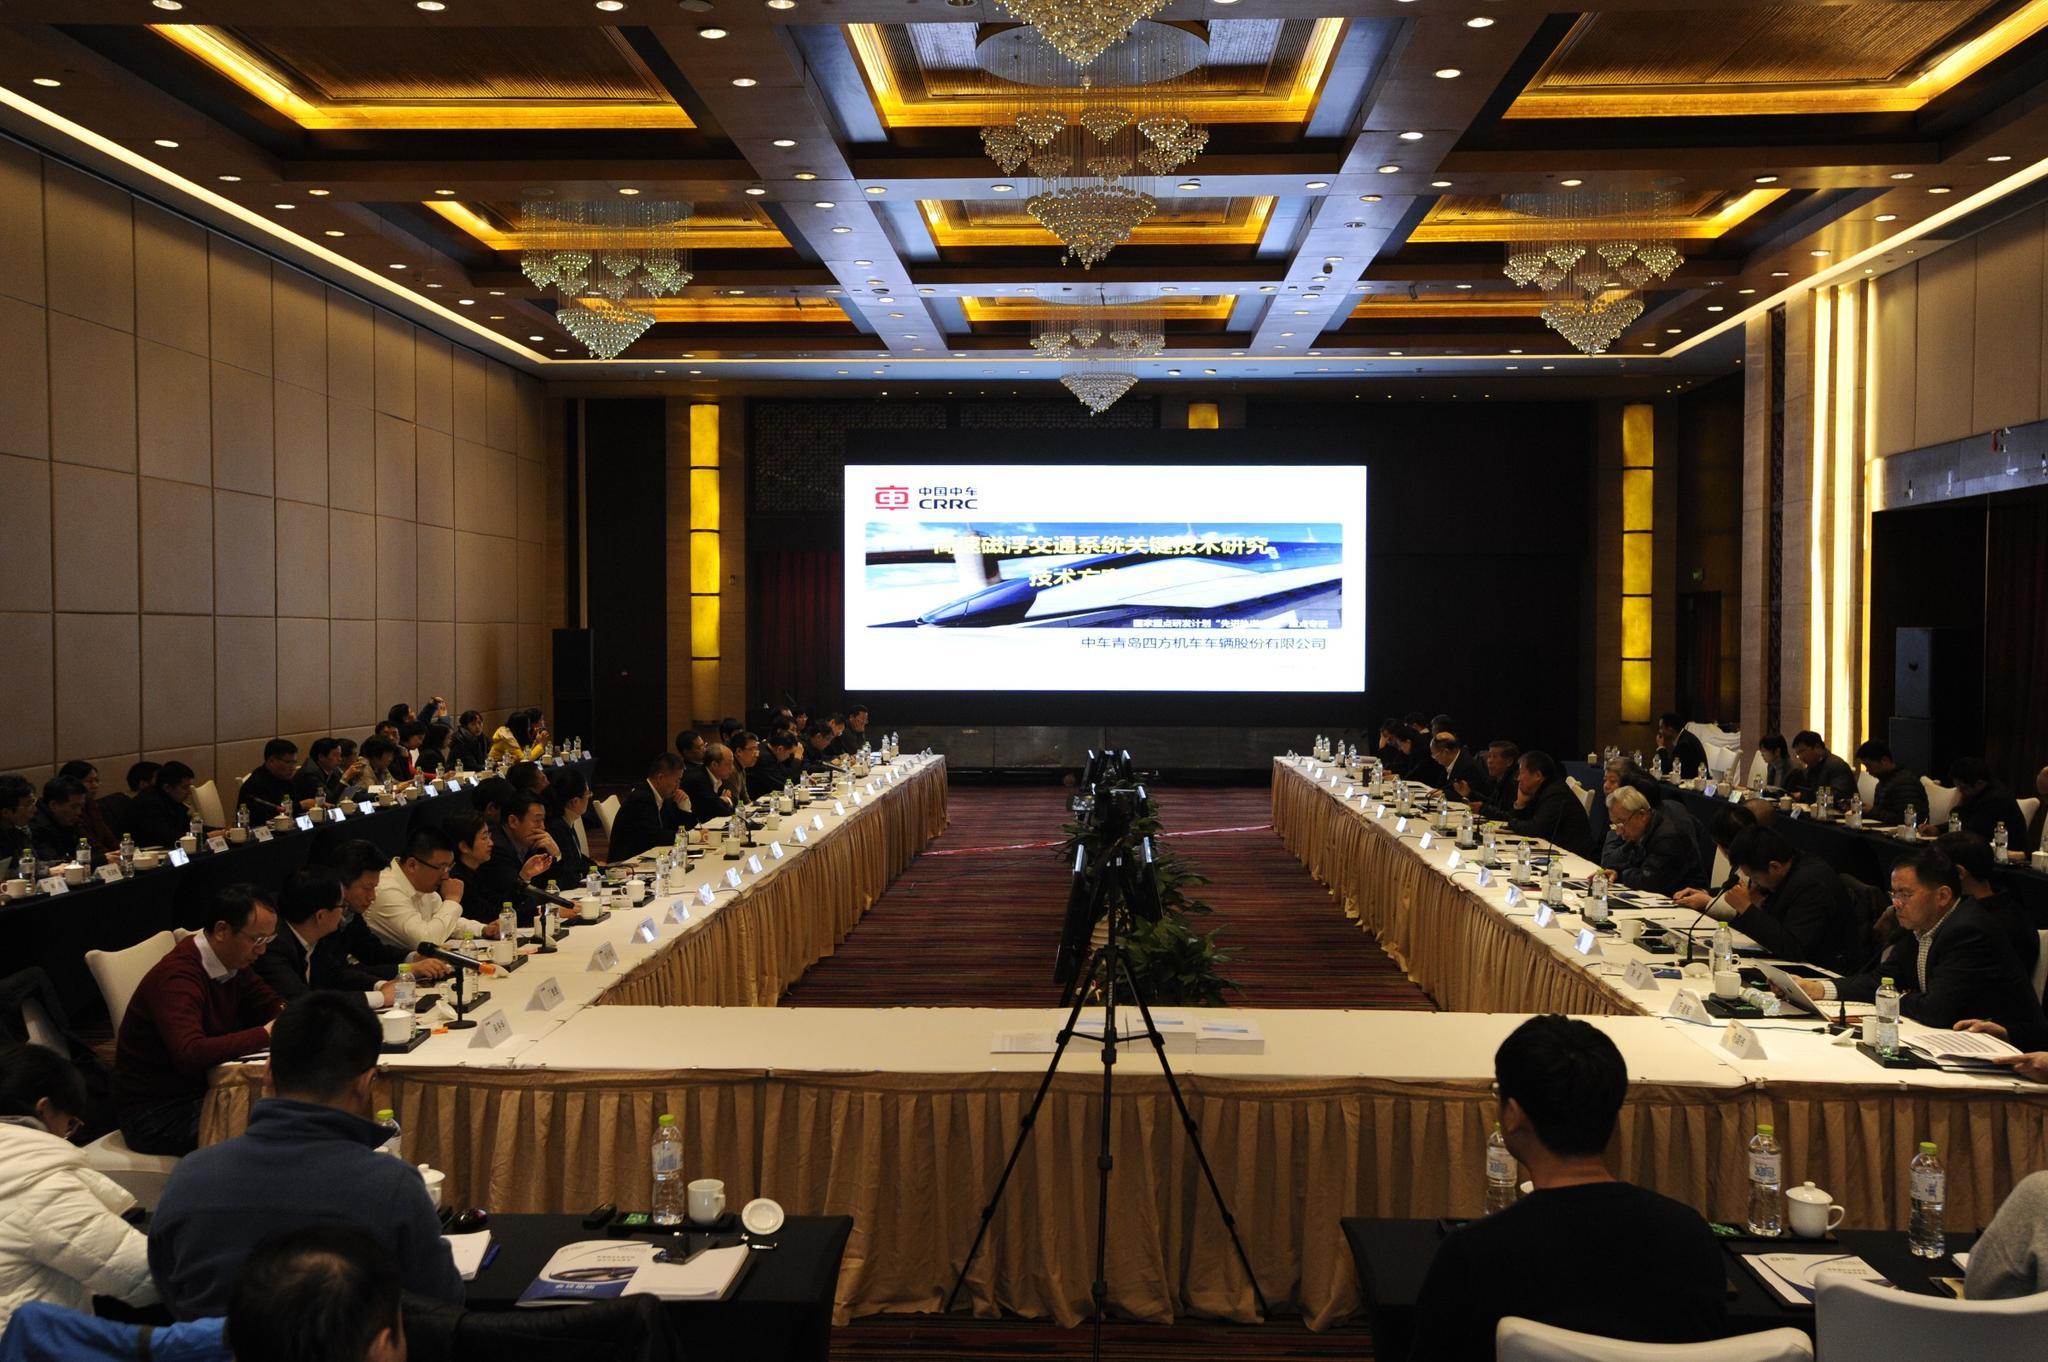 中国将研制时速600公里高速磁浮样车